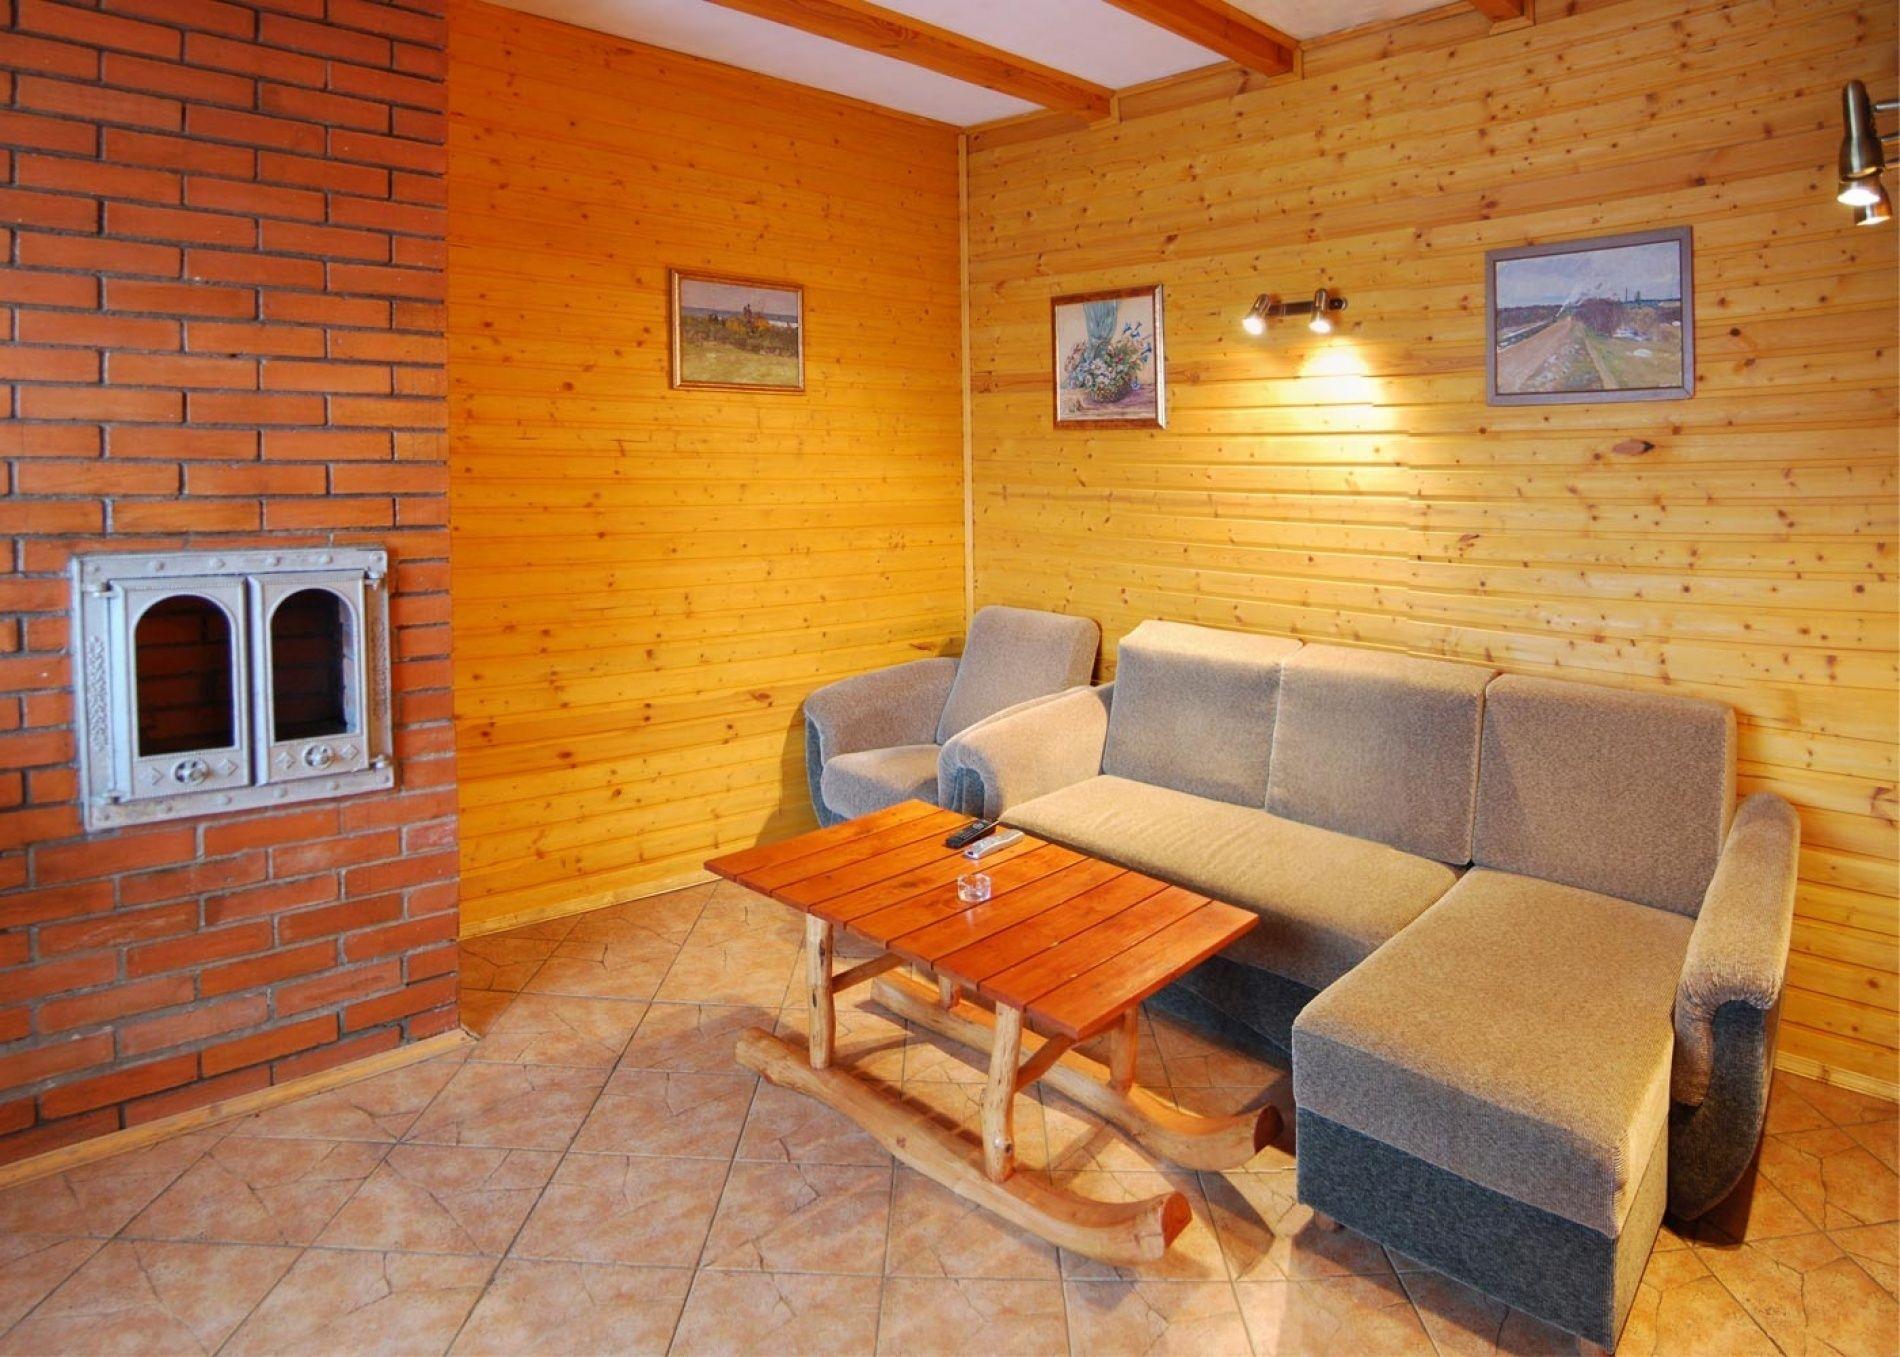 База отдыха «Яр-Селигер» Тверская область VIP-коттедж, фото 3